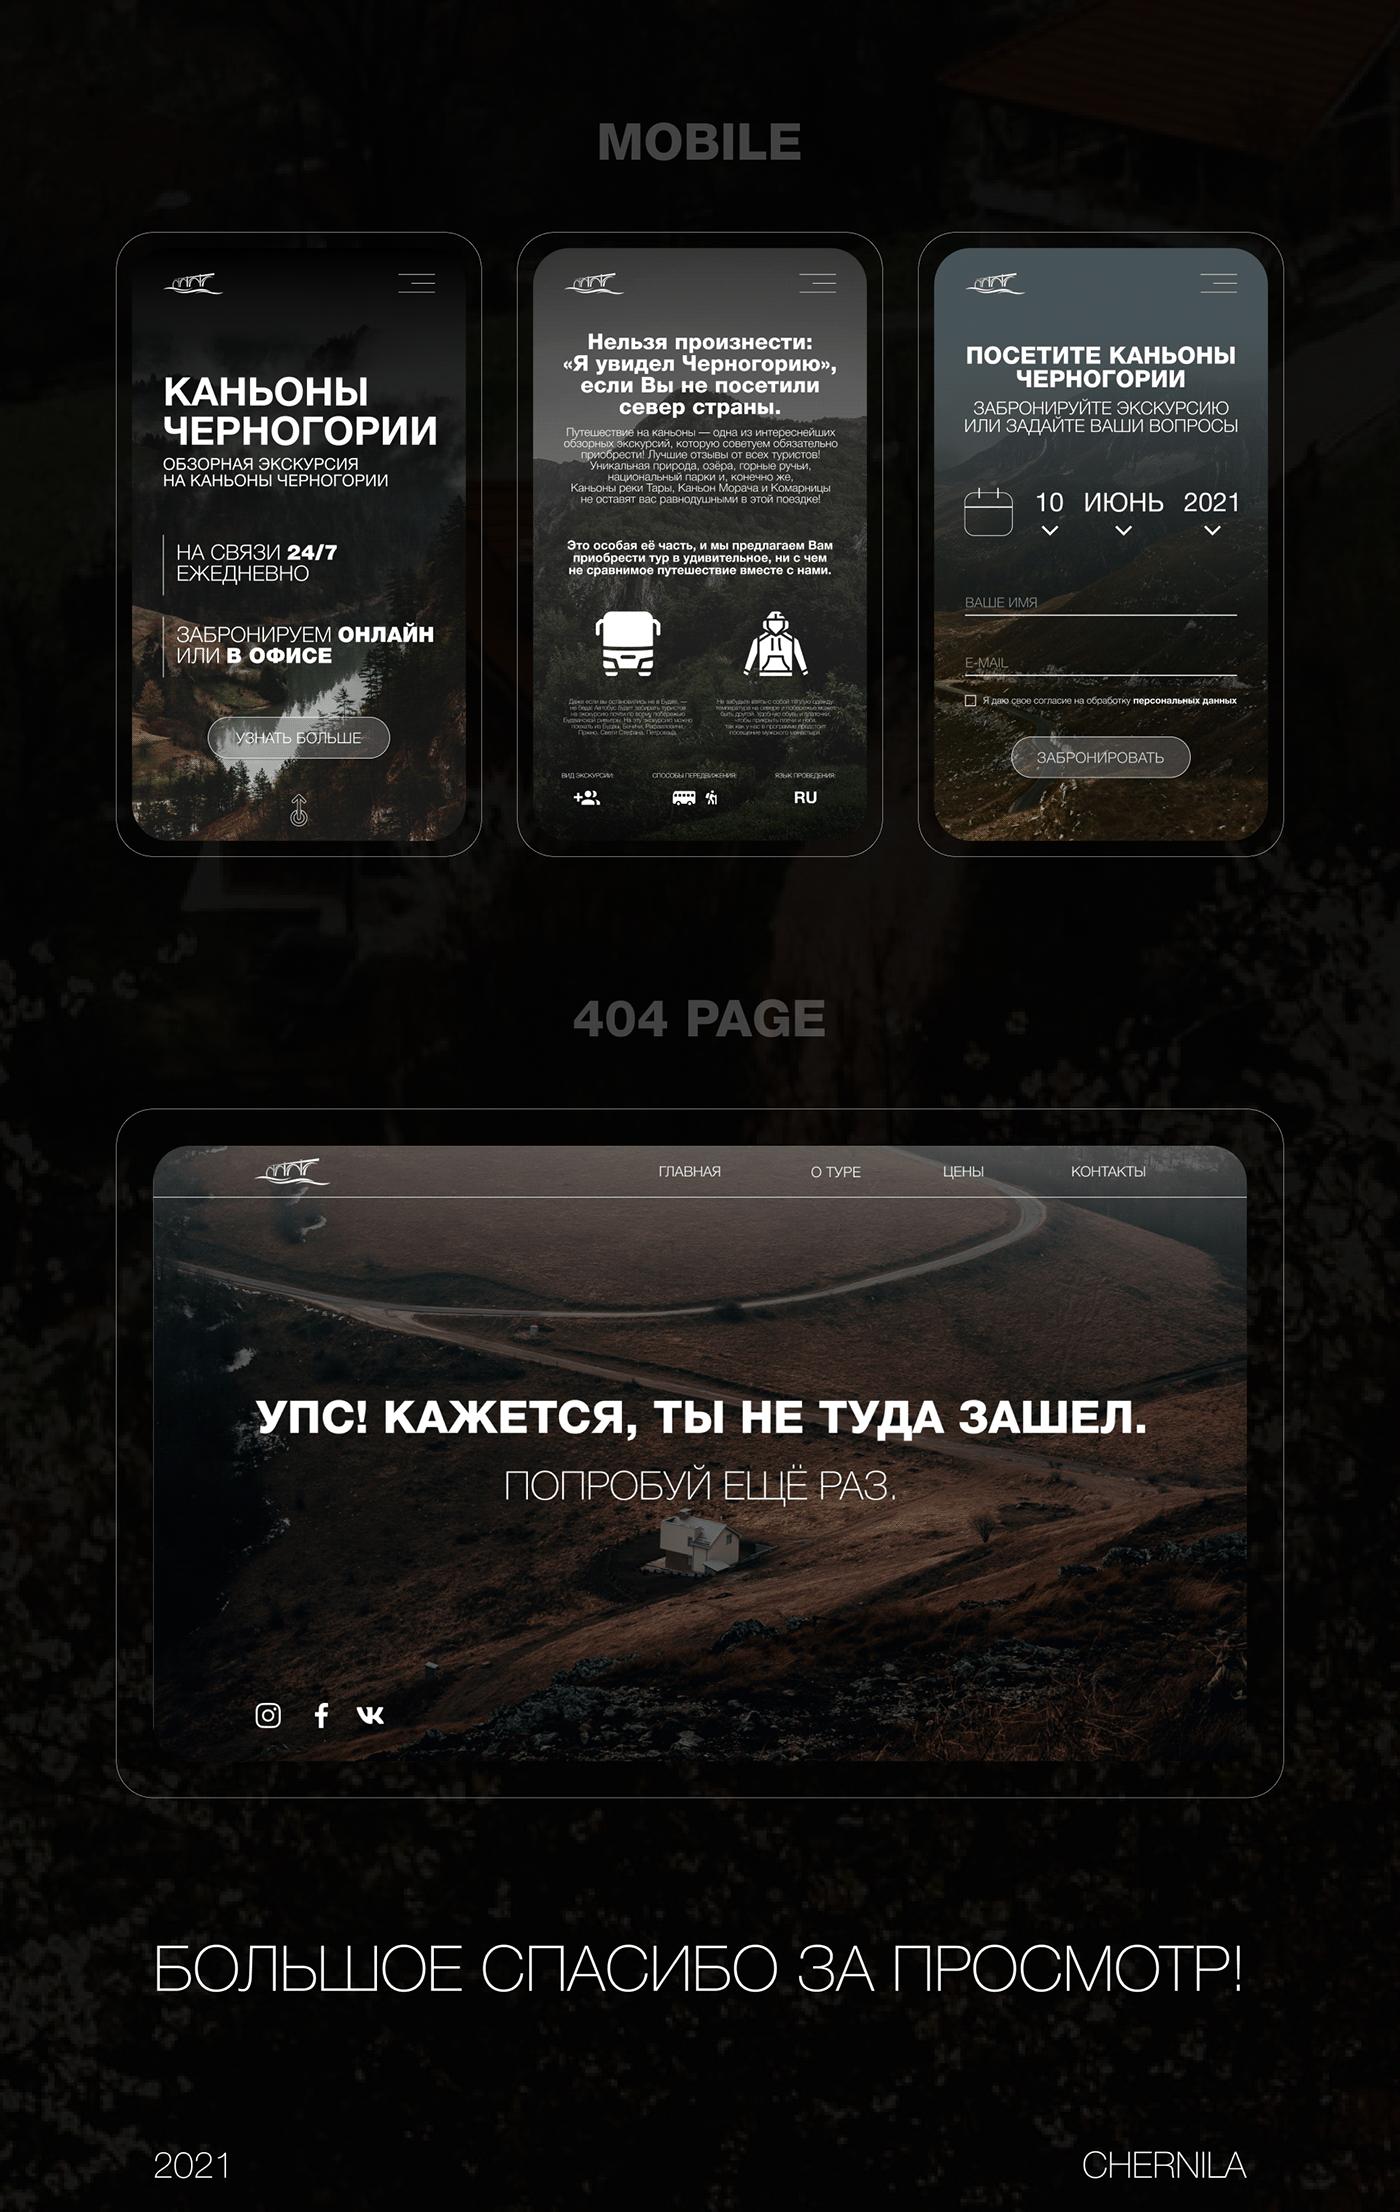 Дизайн мобильной версии сайта об экскурсиях в Черногорию по каньонам.